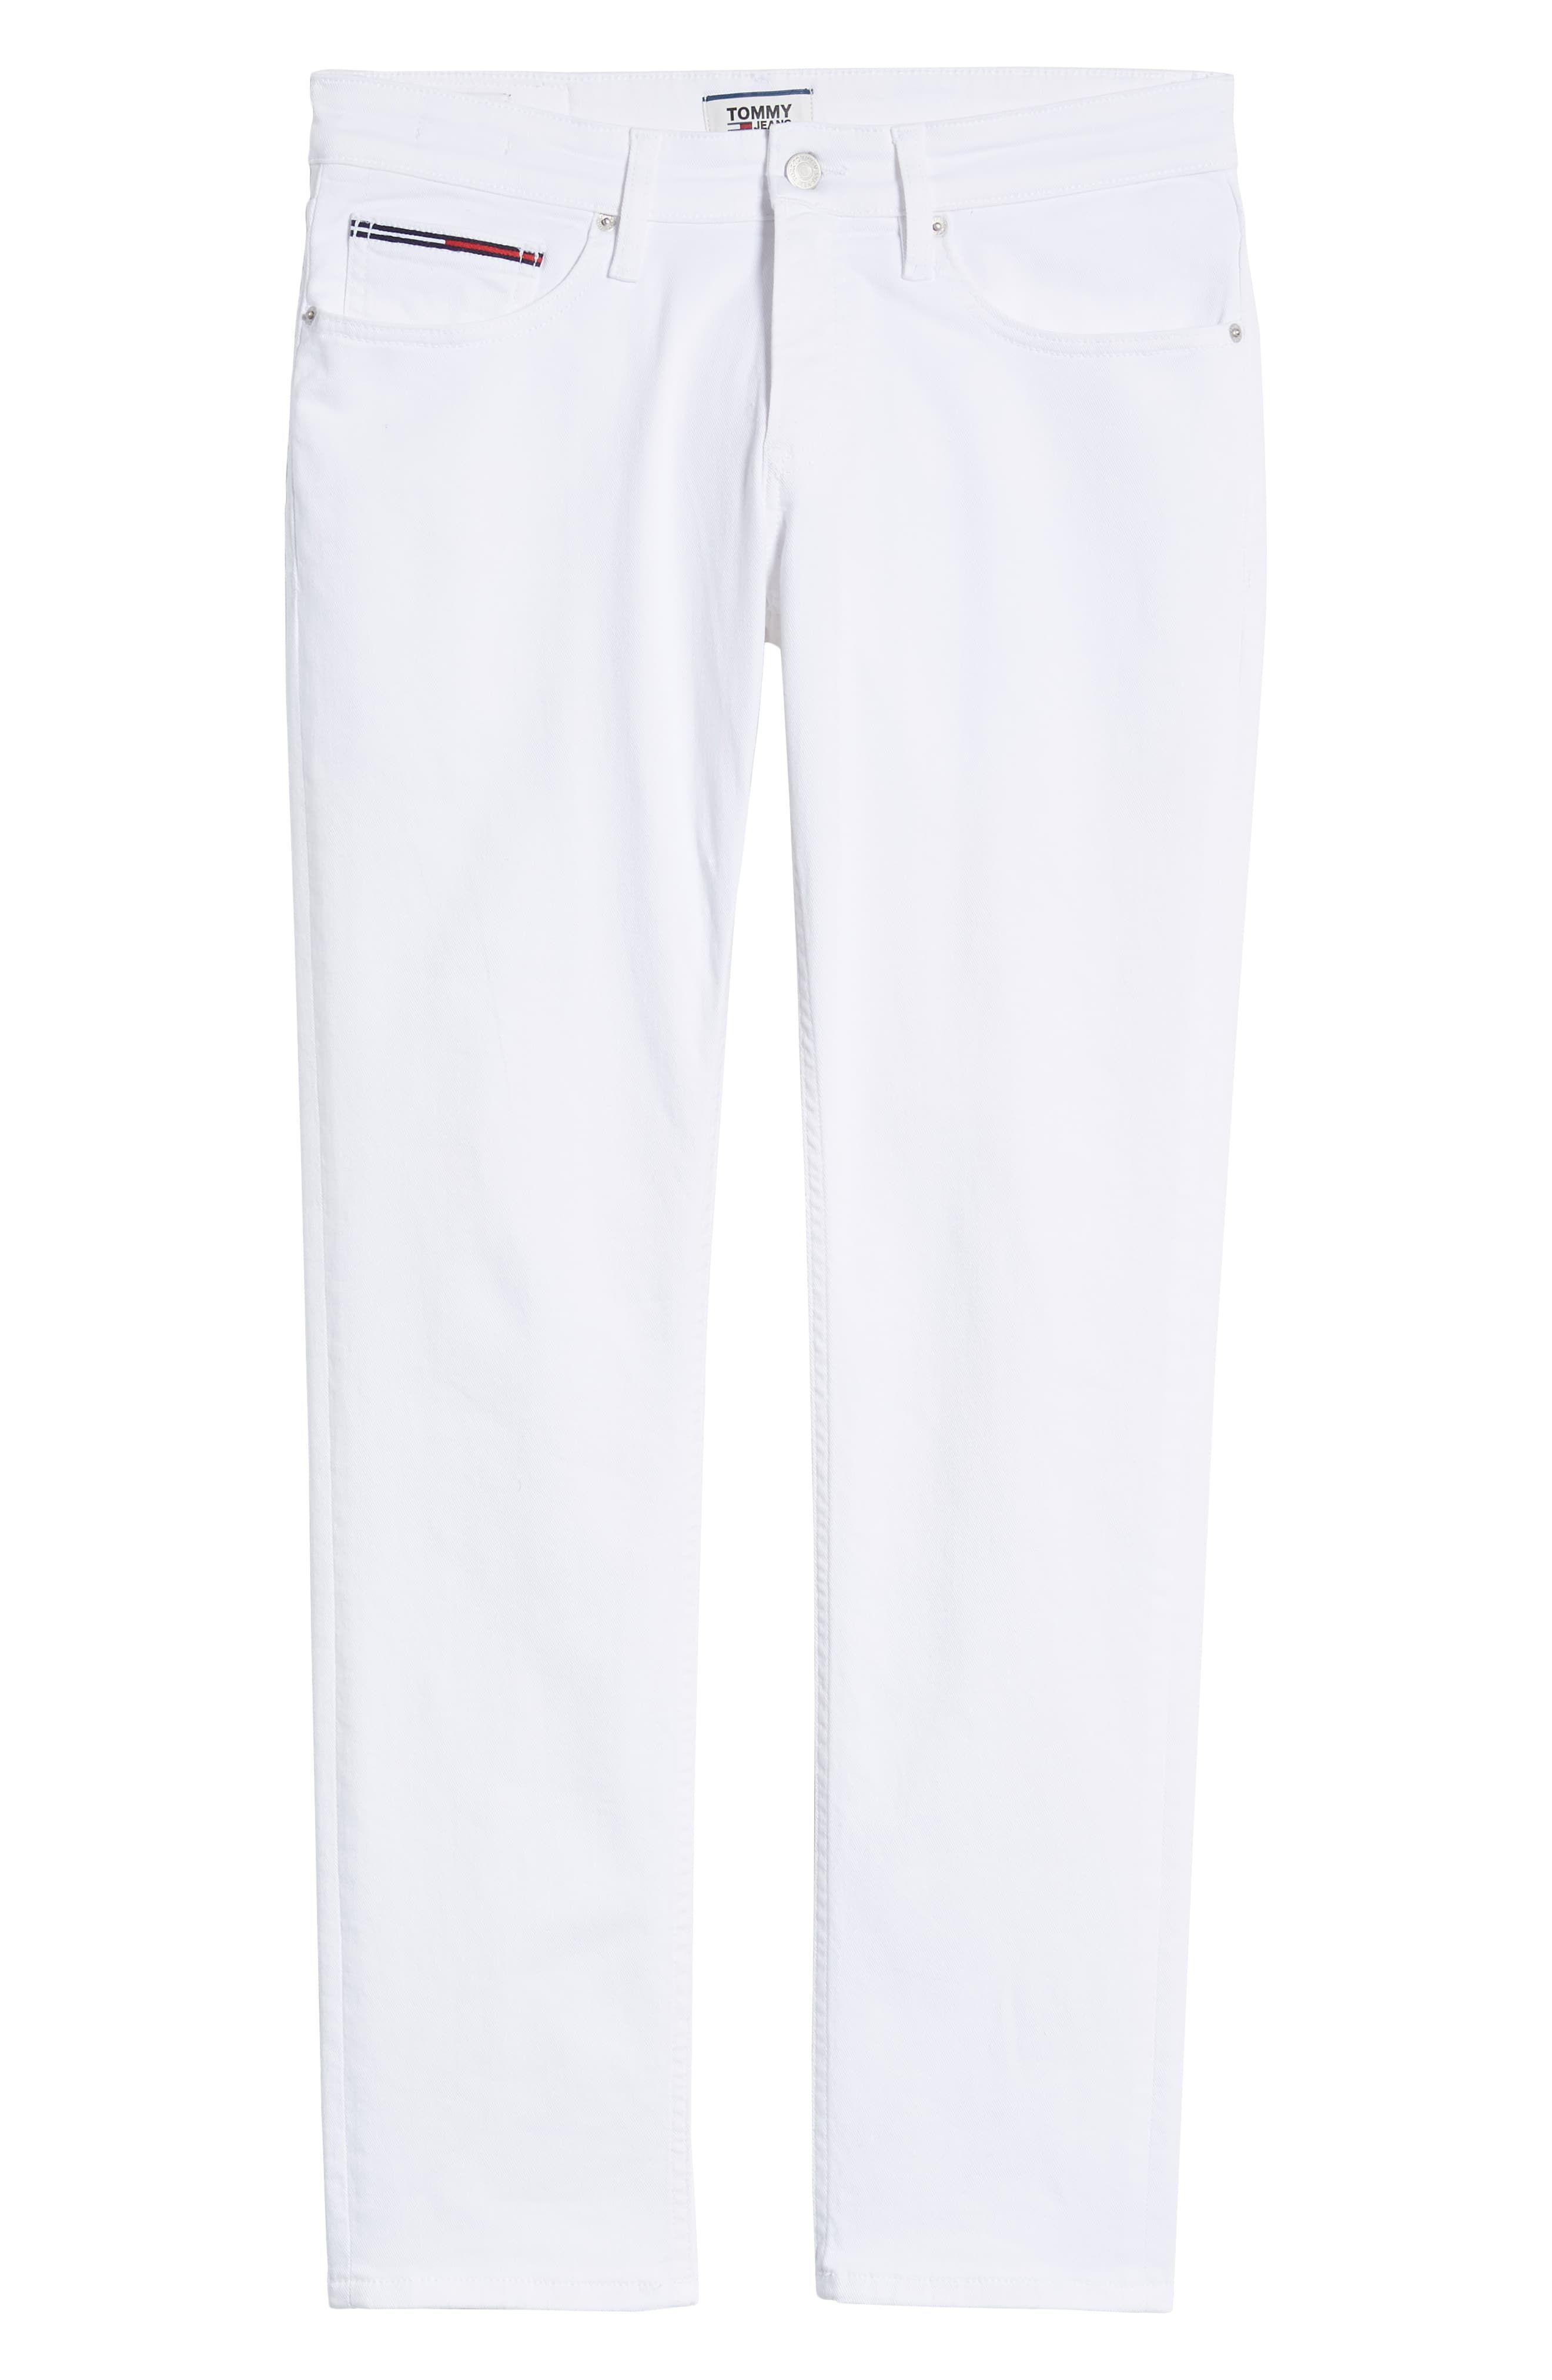 Joe Jonas Steps Out in White Jeans